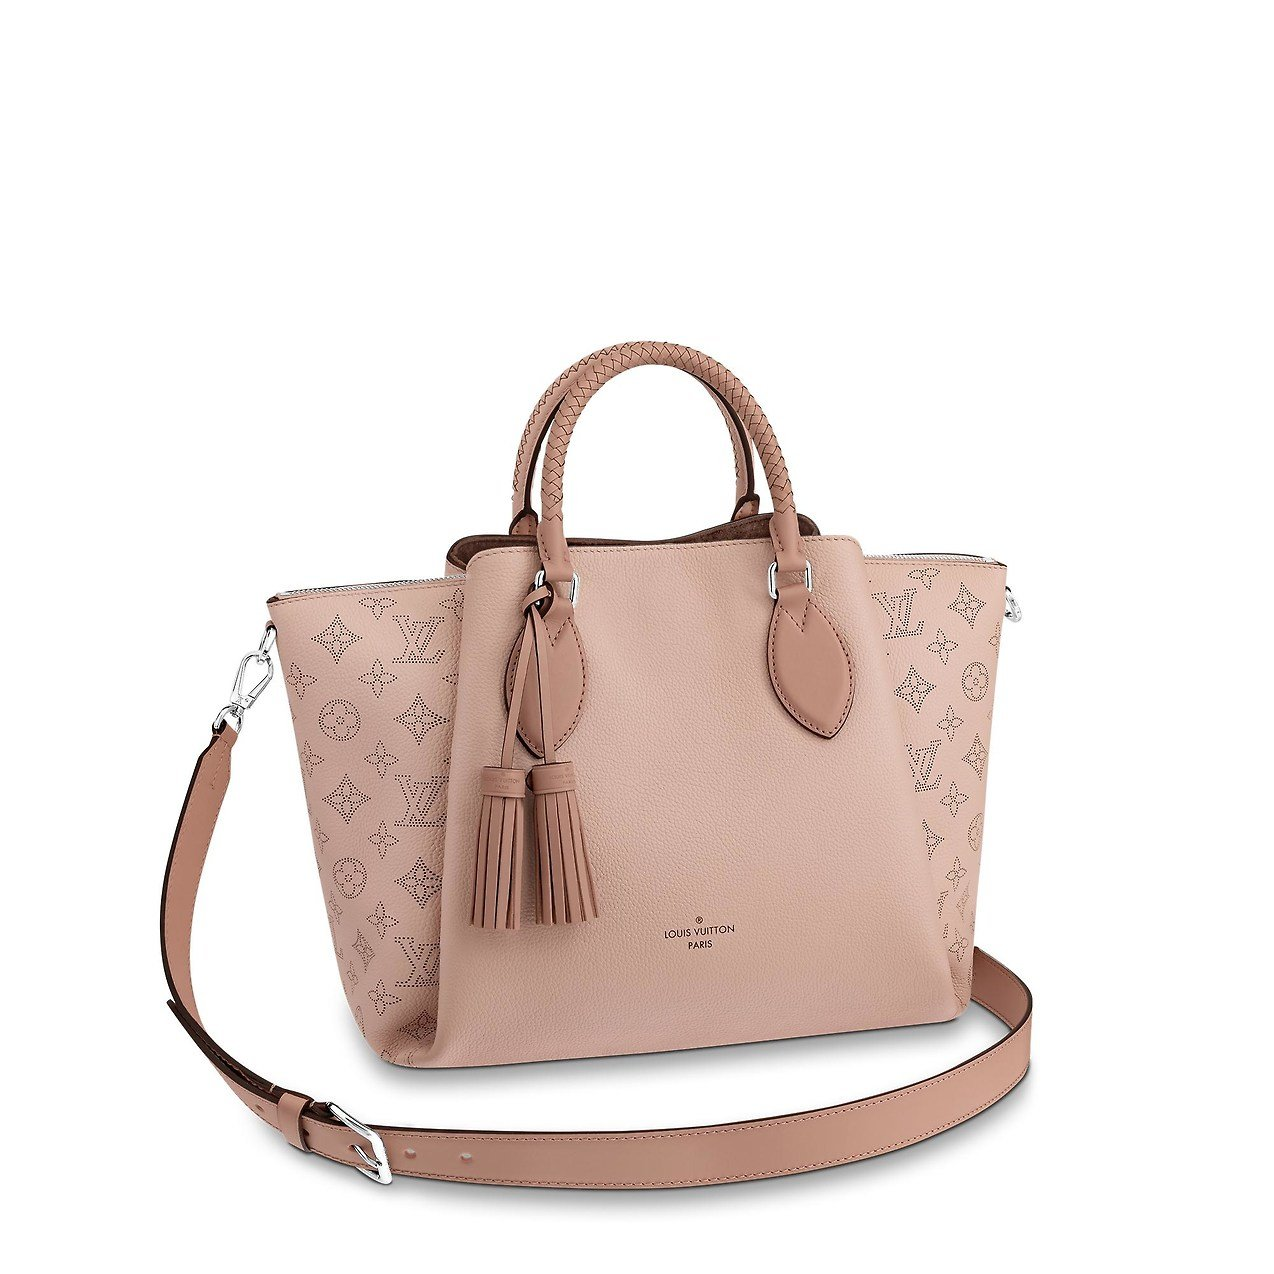 Louis Vuitton nuova borsa primavera estate 2019 Haumea prezzo 3100 euro